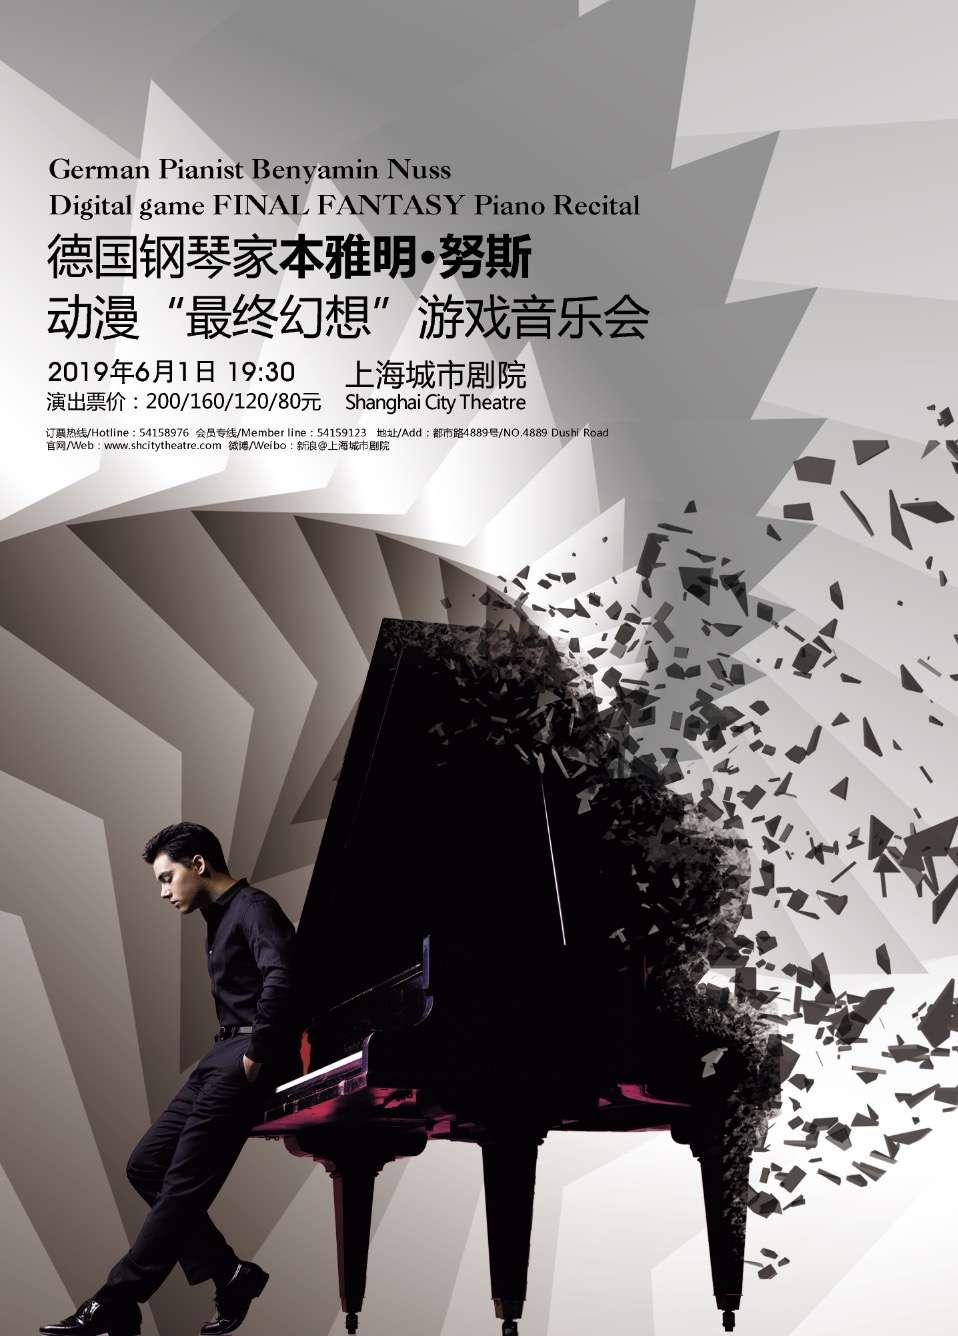 """德国钢琴家本雅明・努斯 动漫""""最终幻想""""游戏音乐会上海站"""